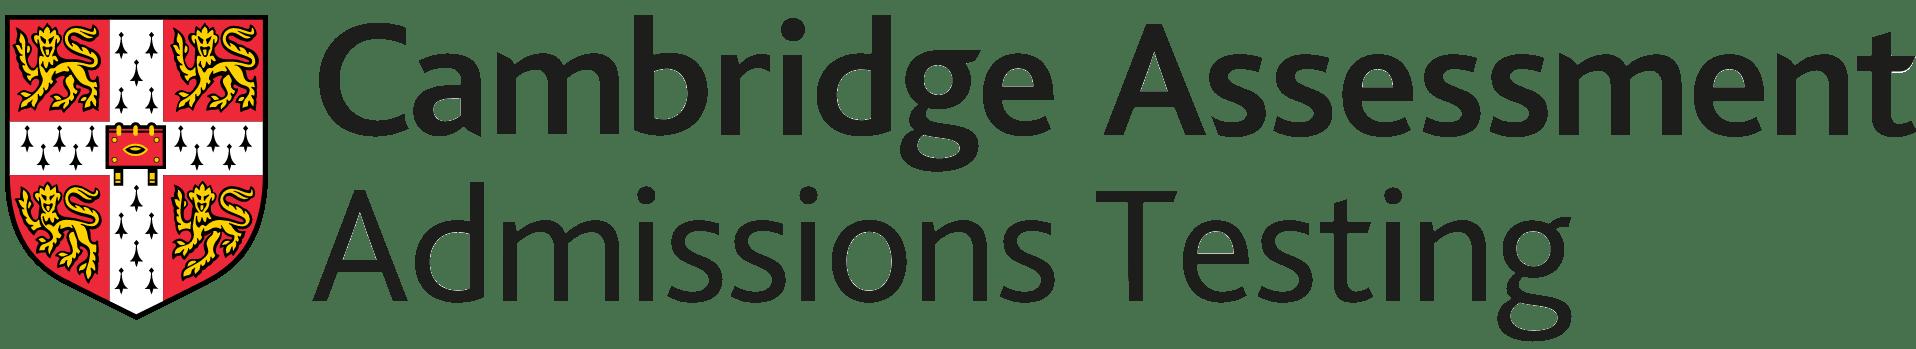 Cambridge Admissions Image